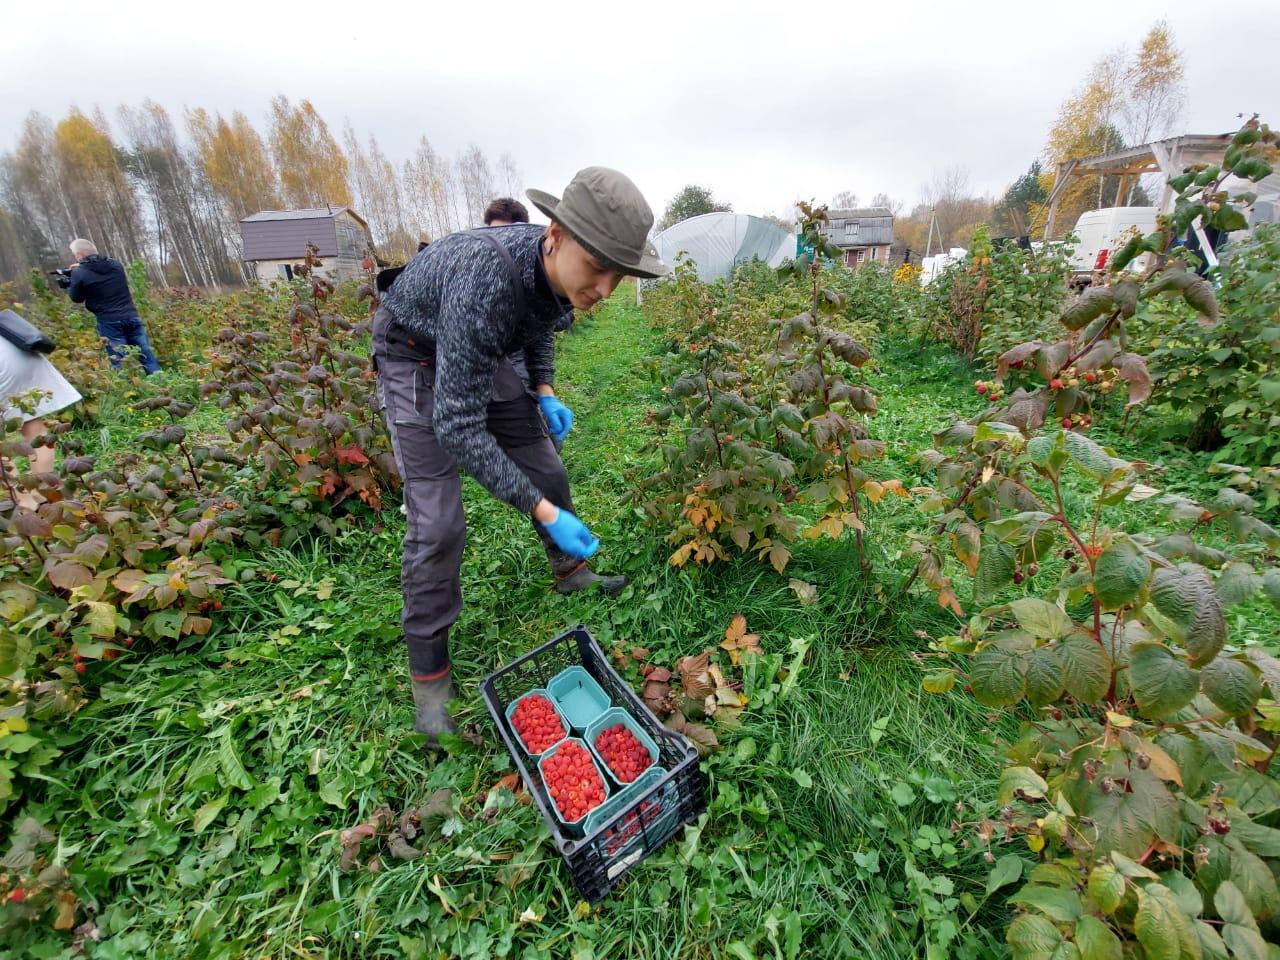 В Гаврилов-Ямском районе на средства стартапа выращивают малину, клубнику и жимолость